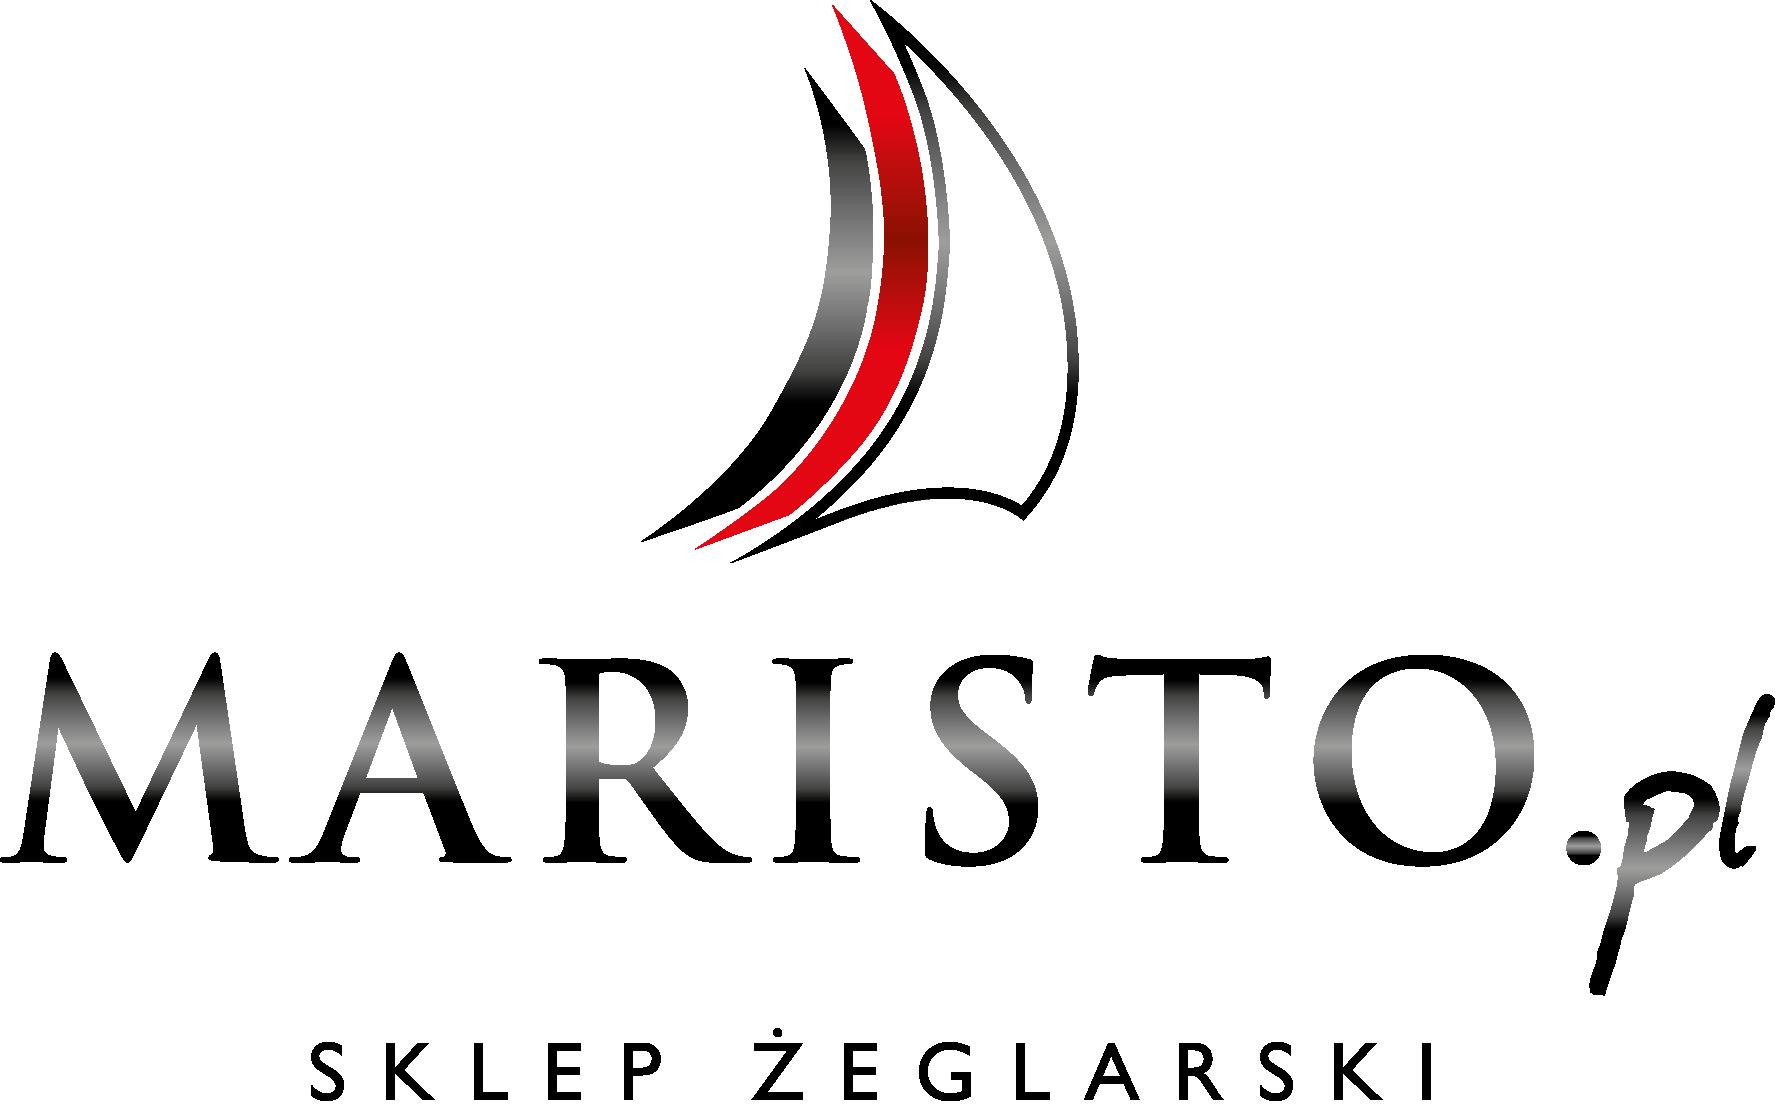 Maristo